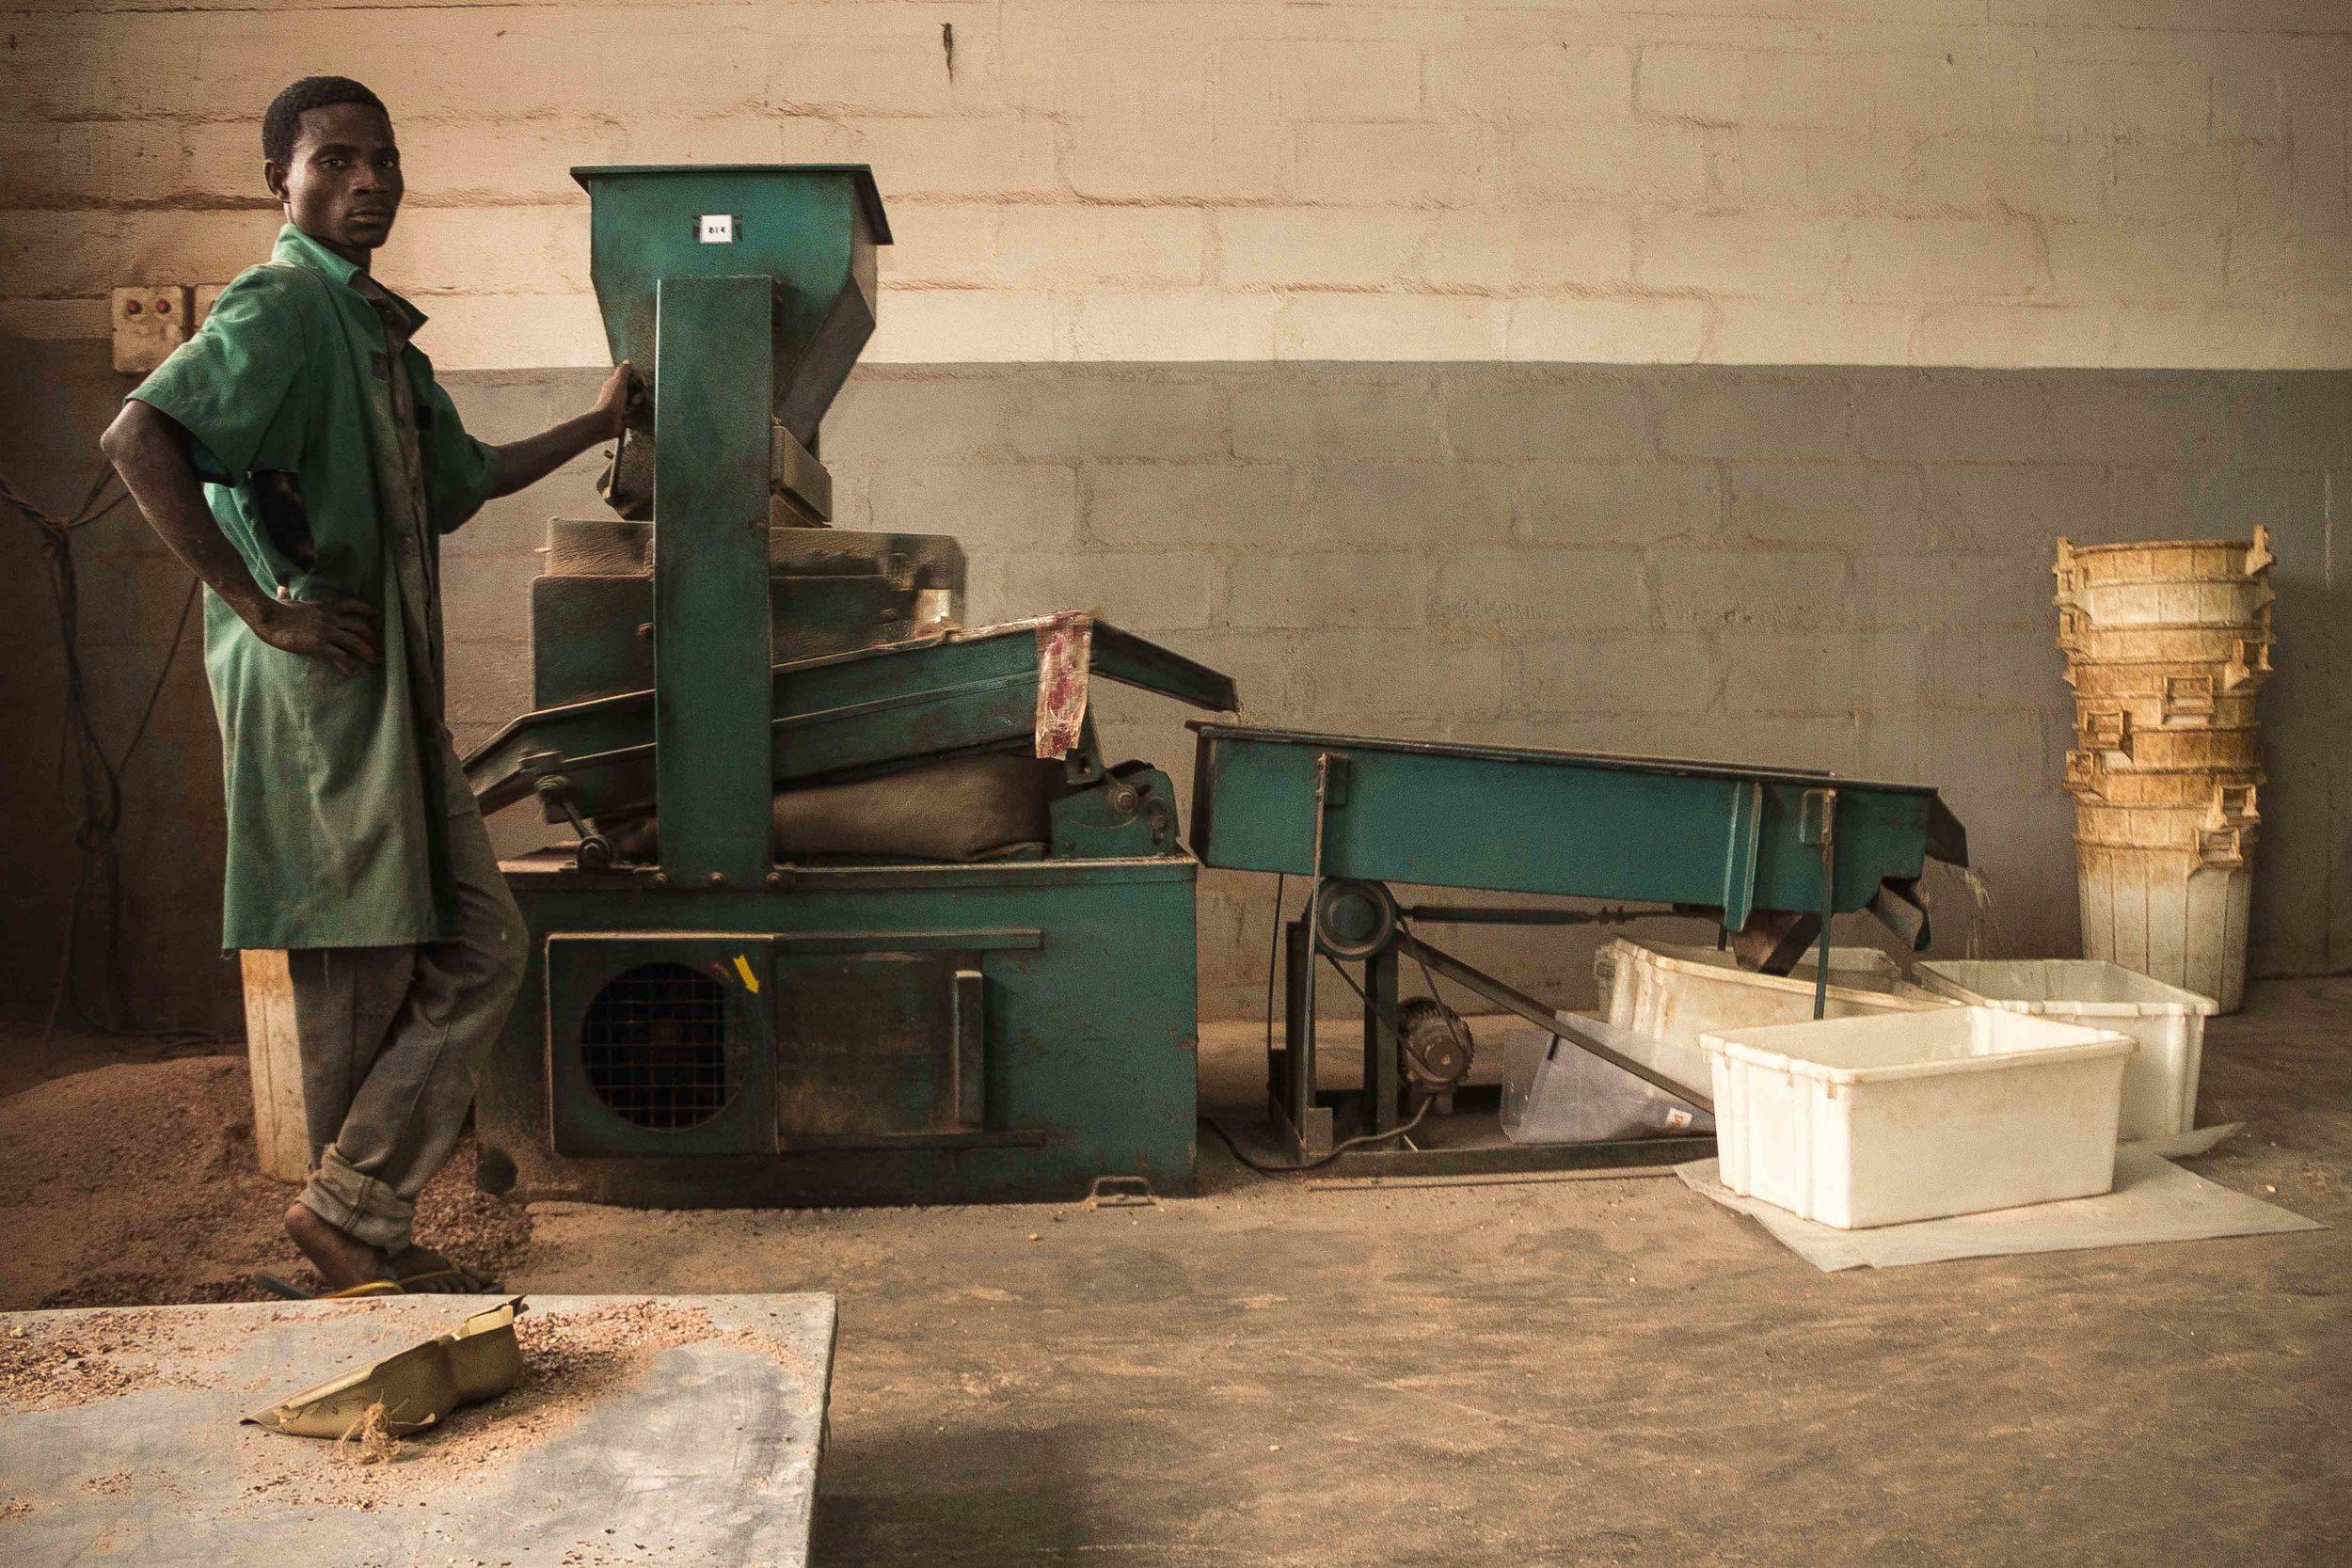 Anchilo district, Nampula province  – A worker at the Condor Nuts factory waits for cashew nuts to pass through the machine |  Um trabalhador na fábrica da Condor Nuts espera a castanha de caju que passa pela máquina